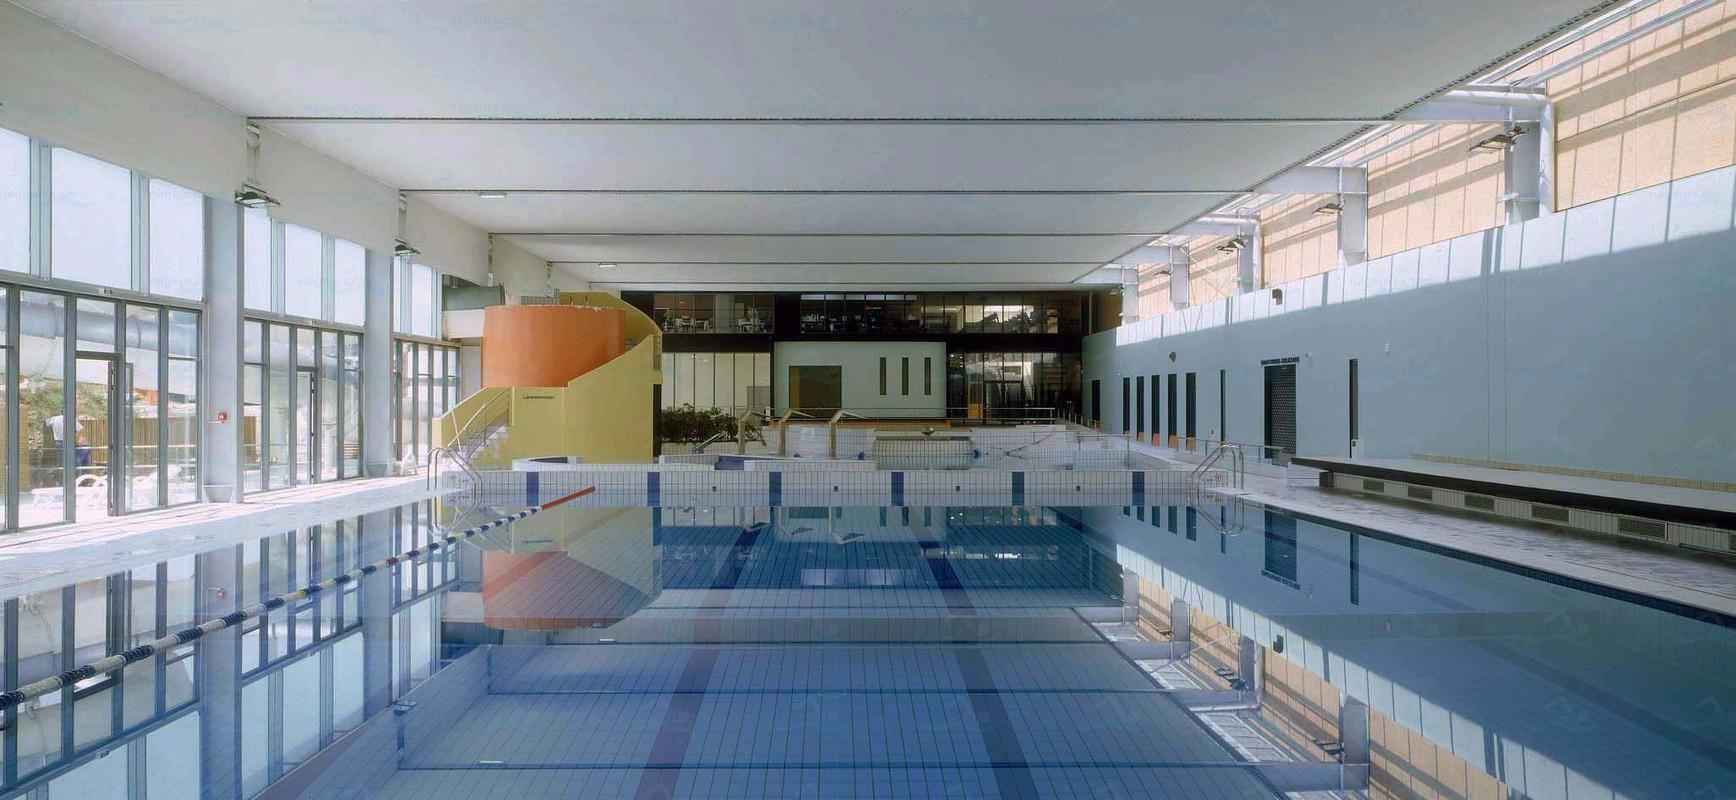 piscines france ile de france les piscines seine